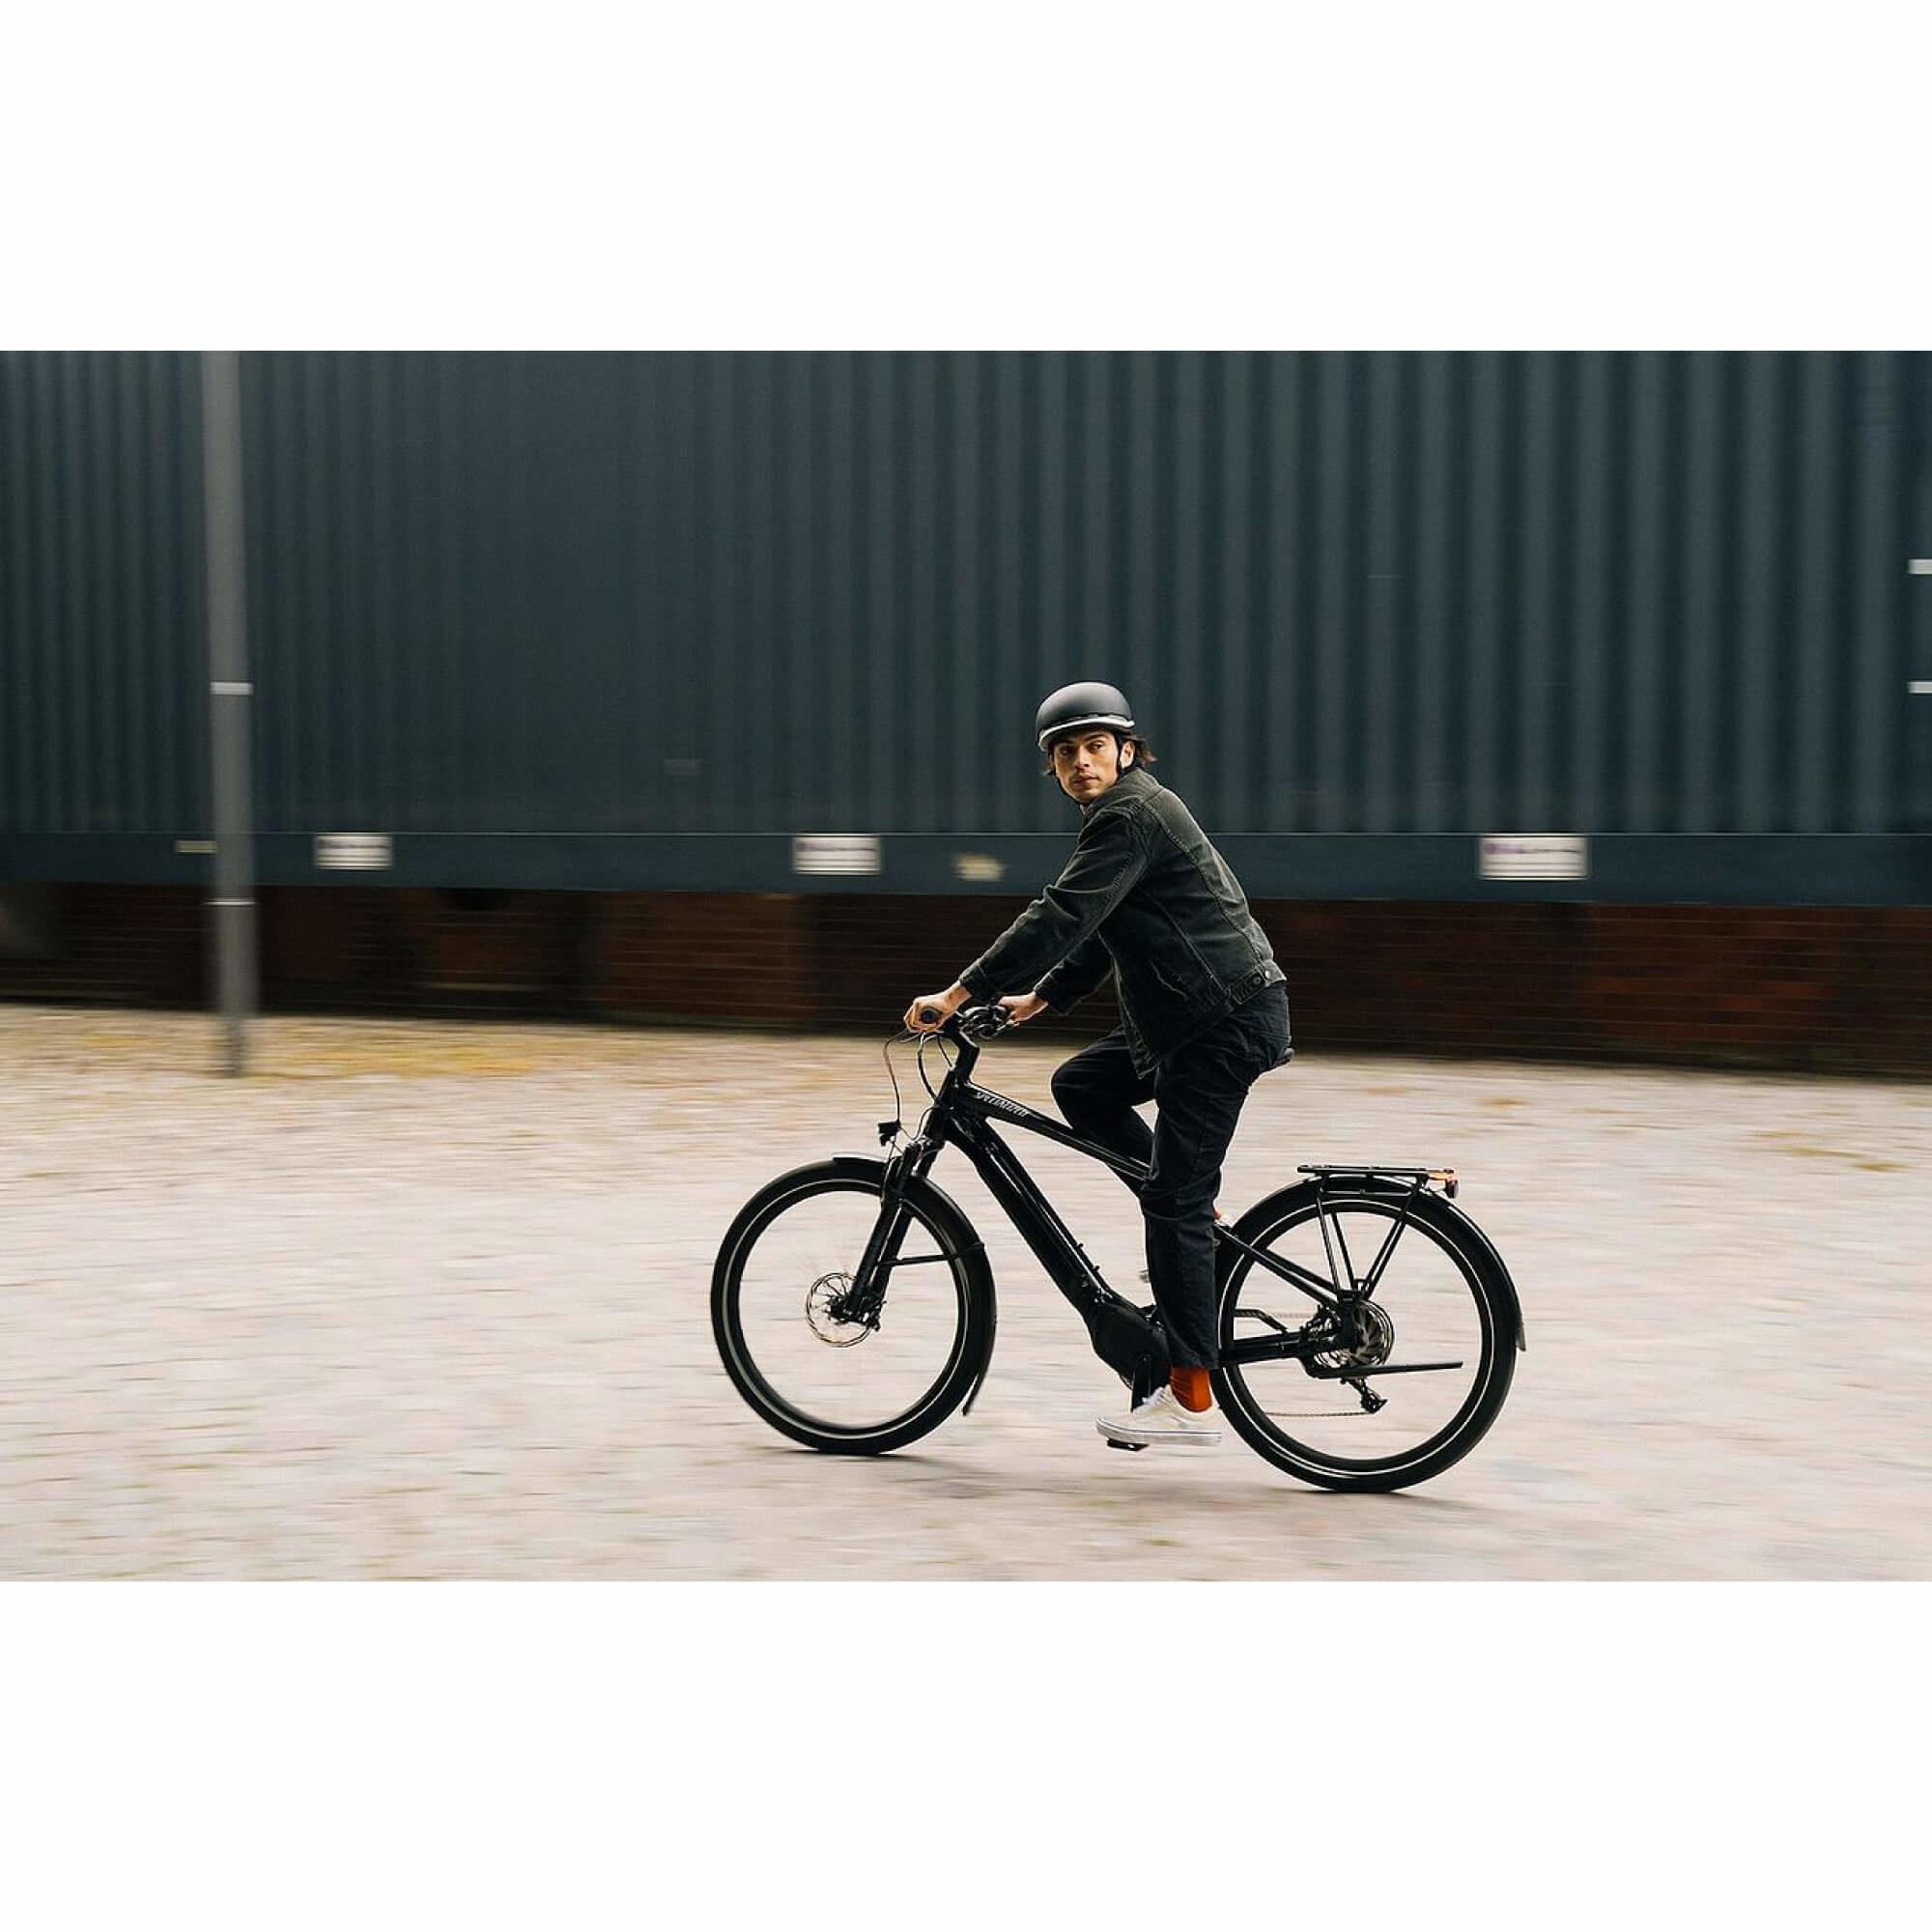 Mode Helmet 2022-4